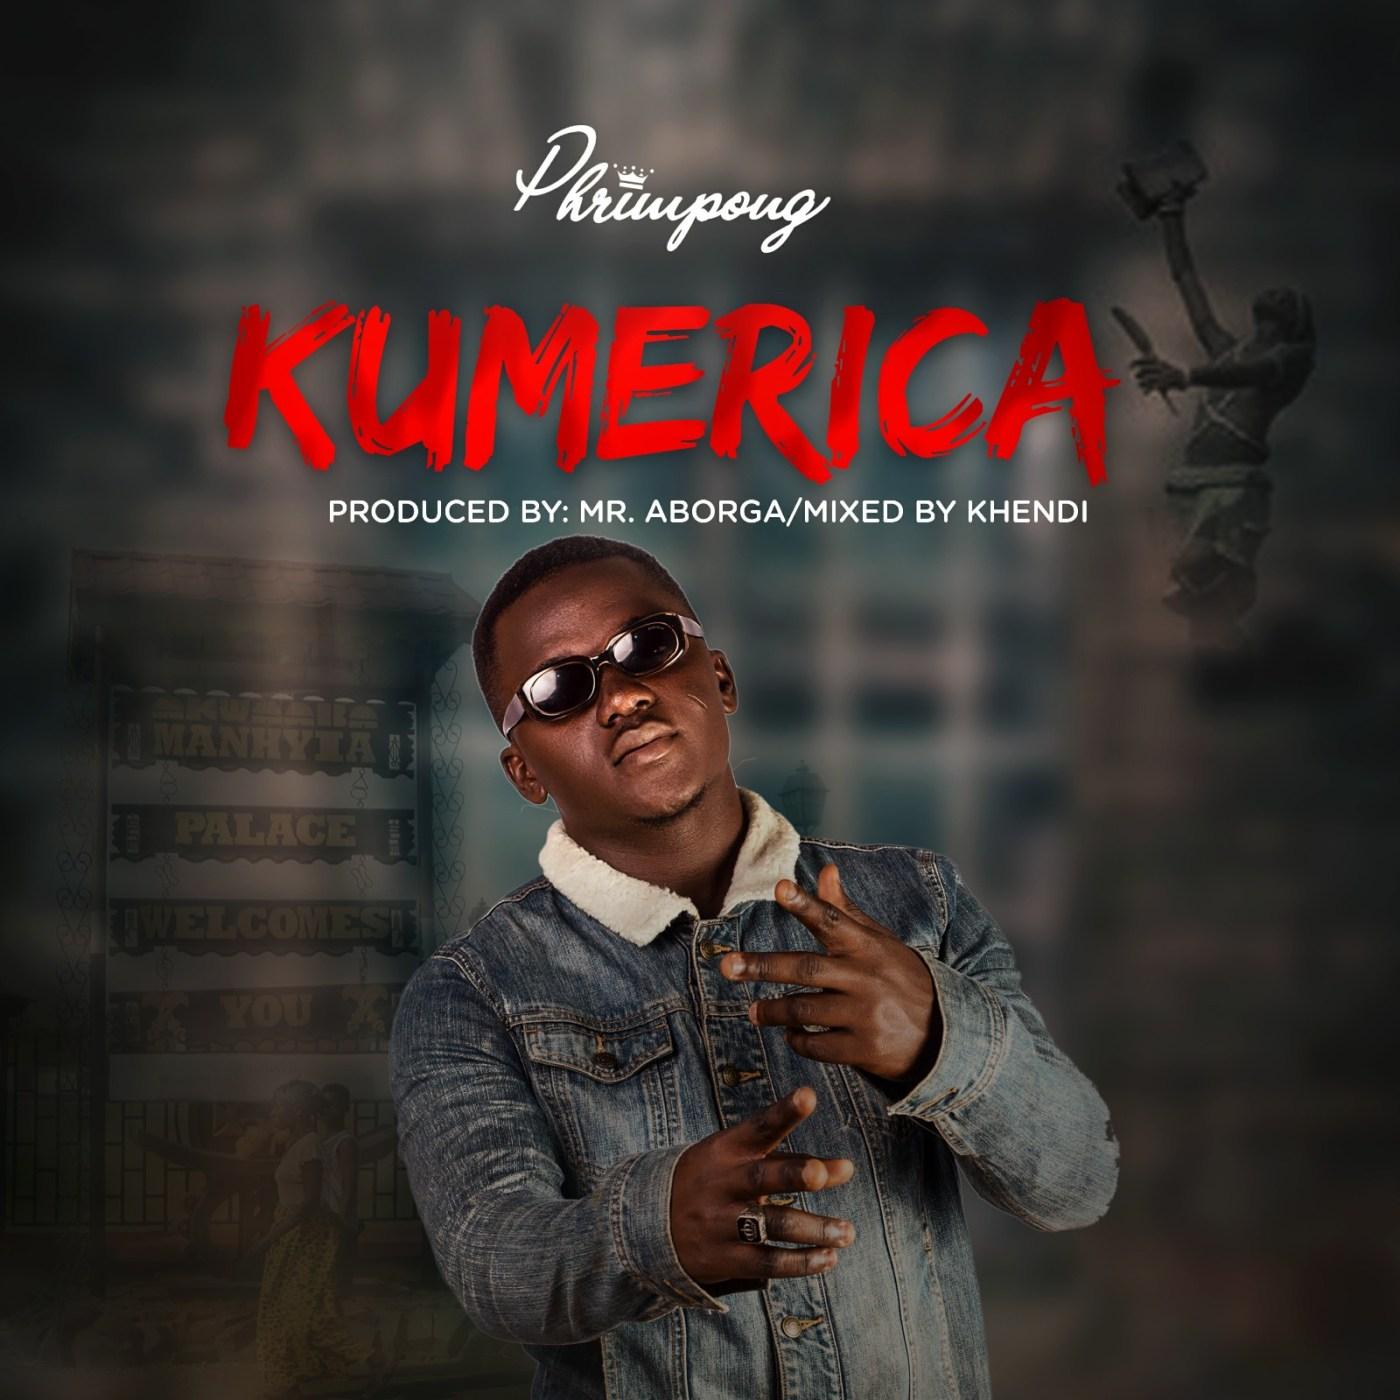 Phrimpong - Kumerica